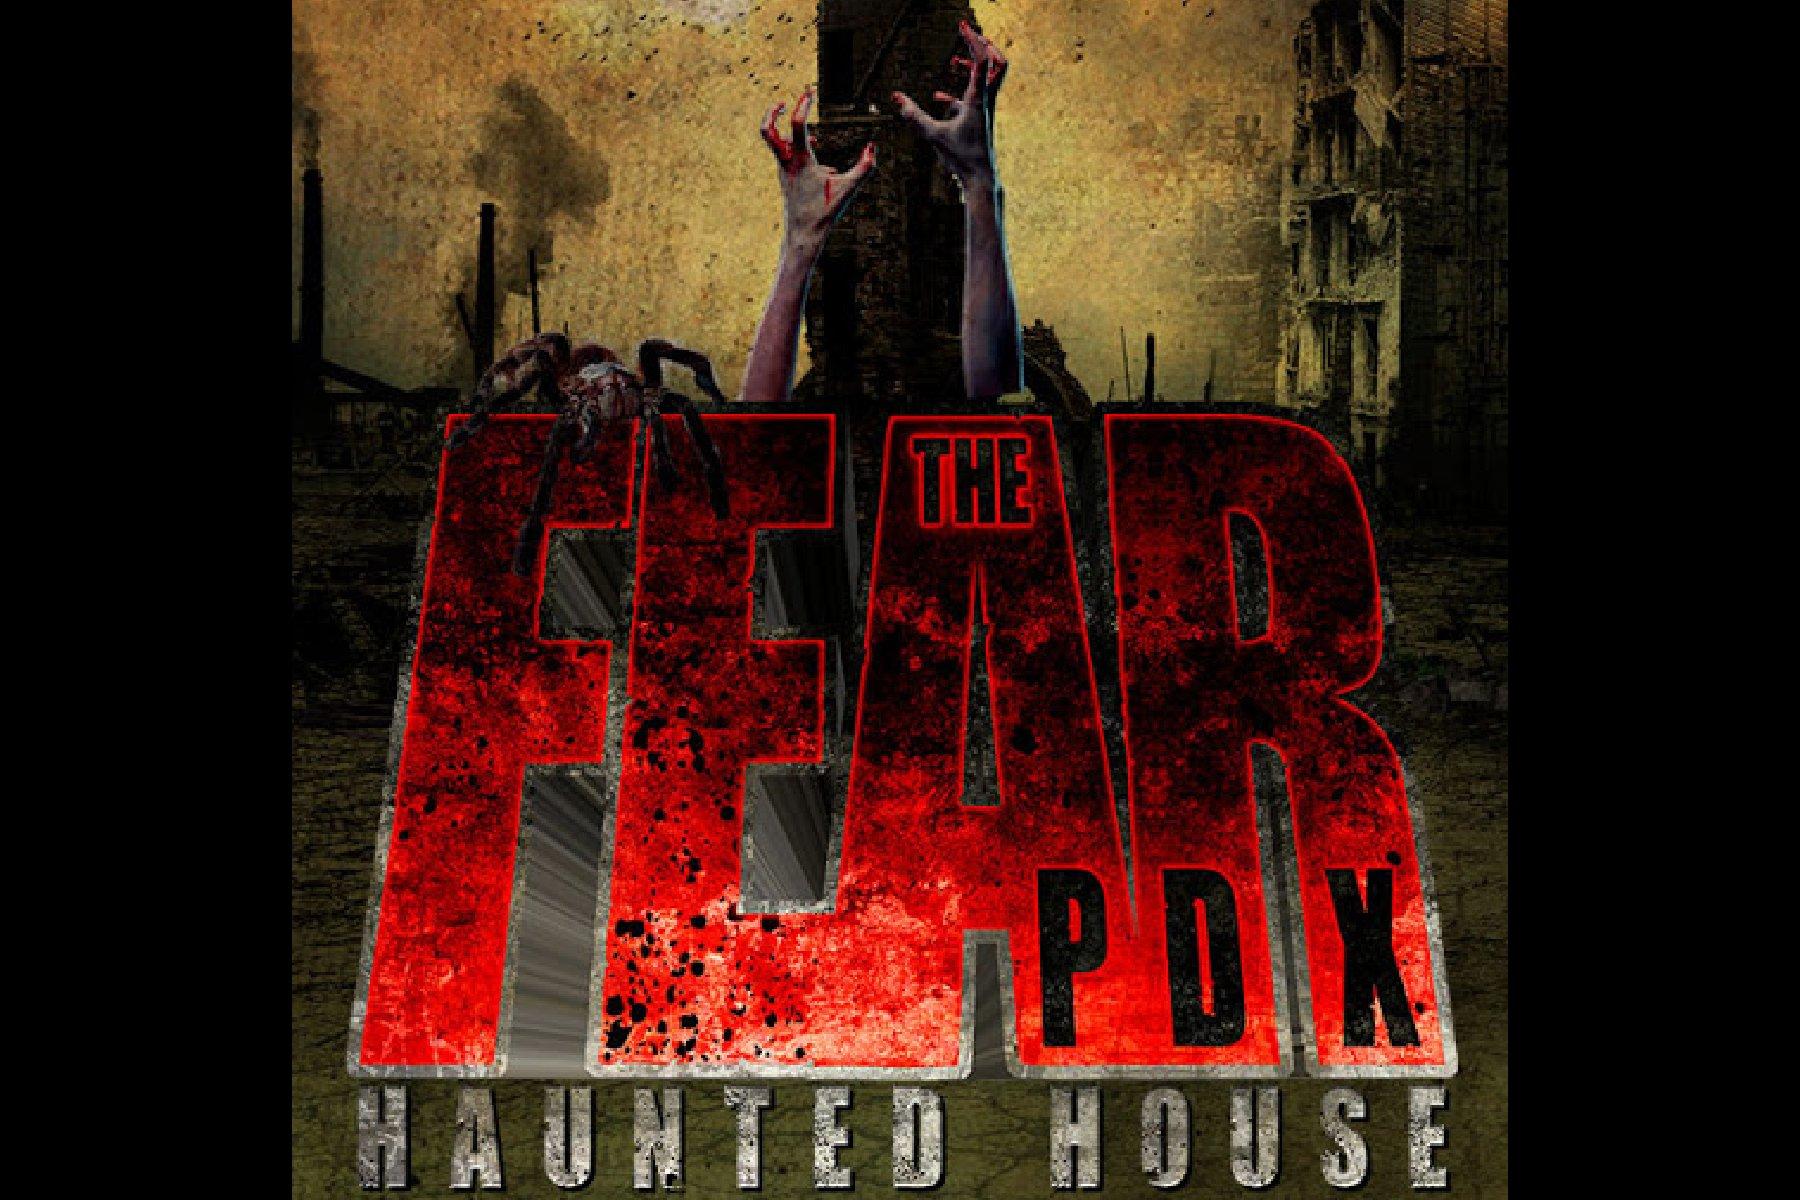 Fear PDX Haunted House Portland Oregon